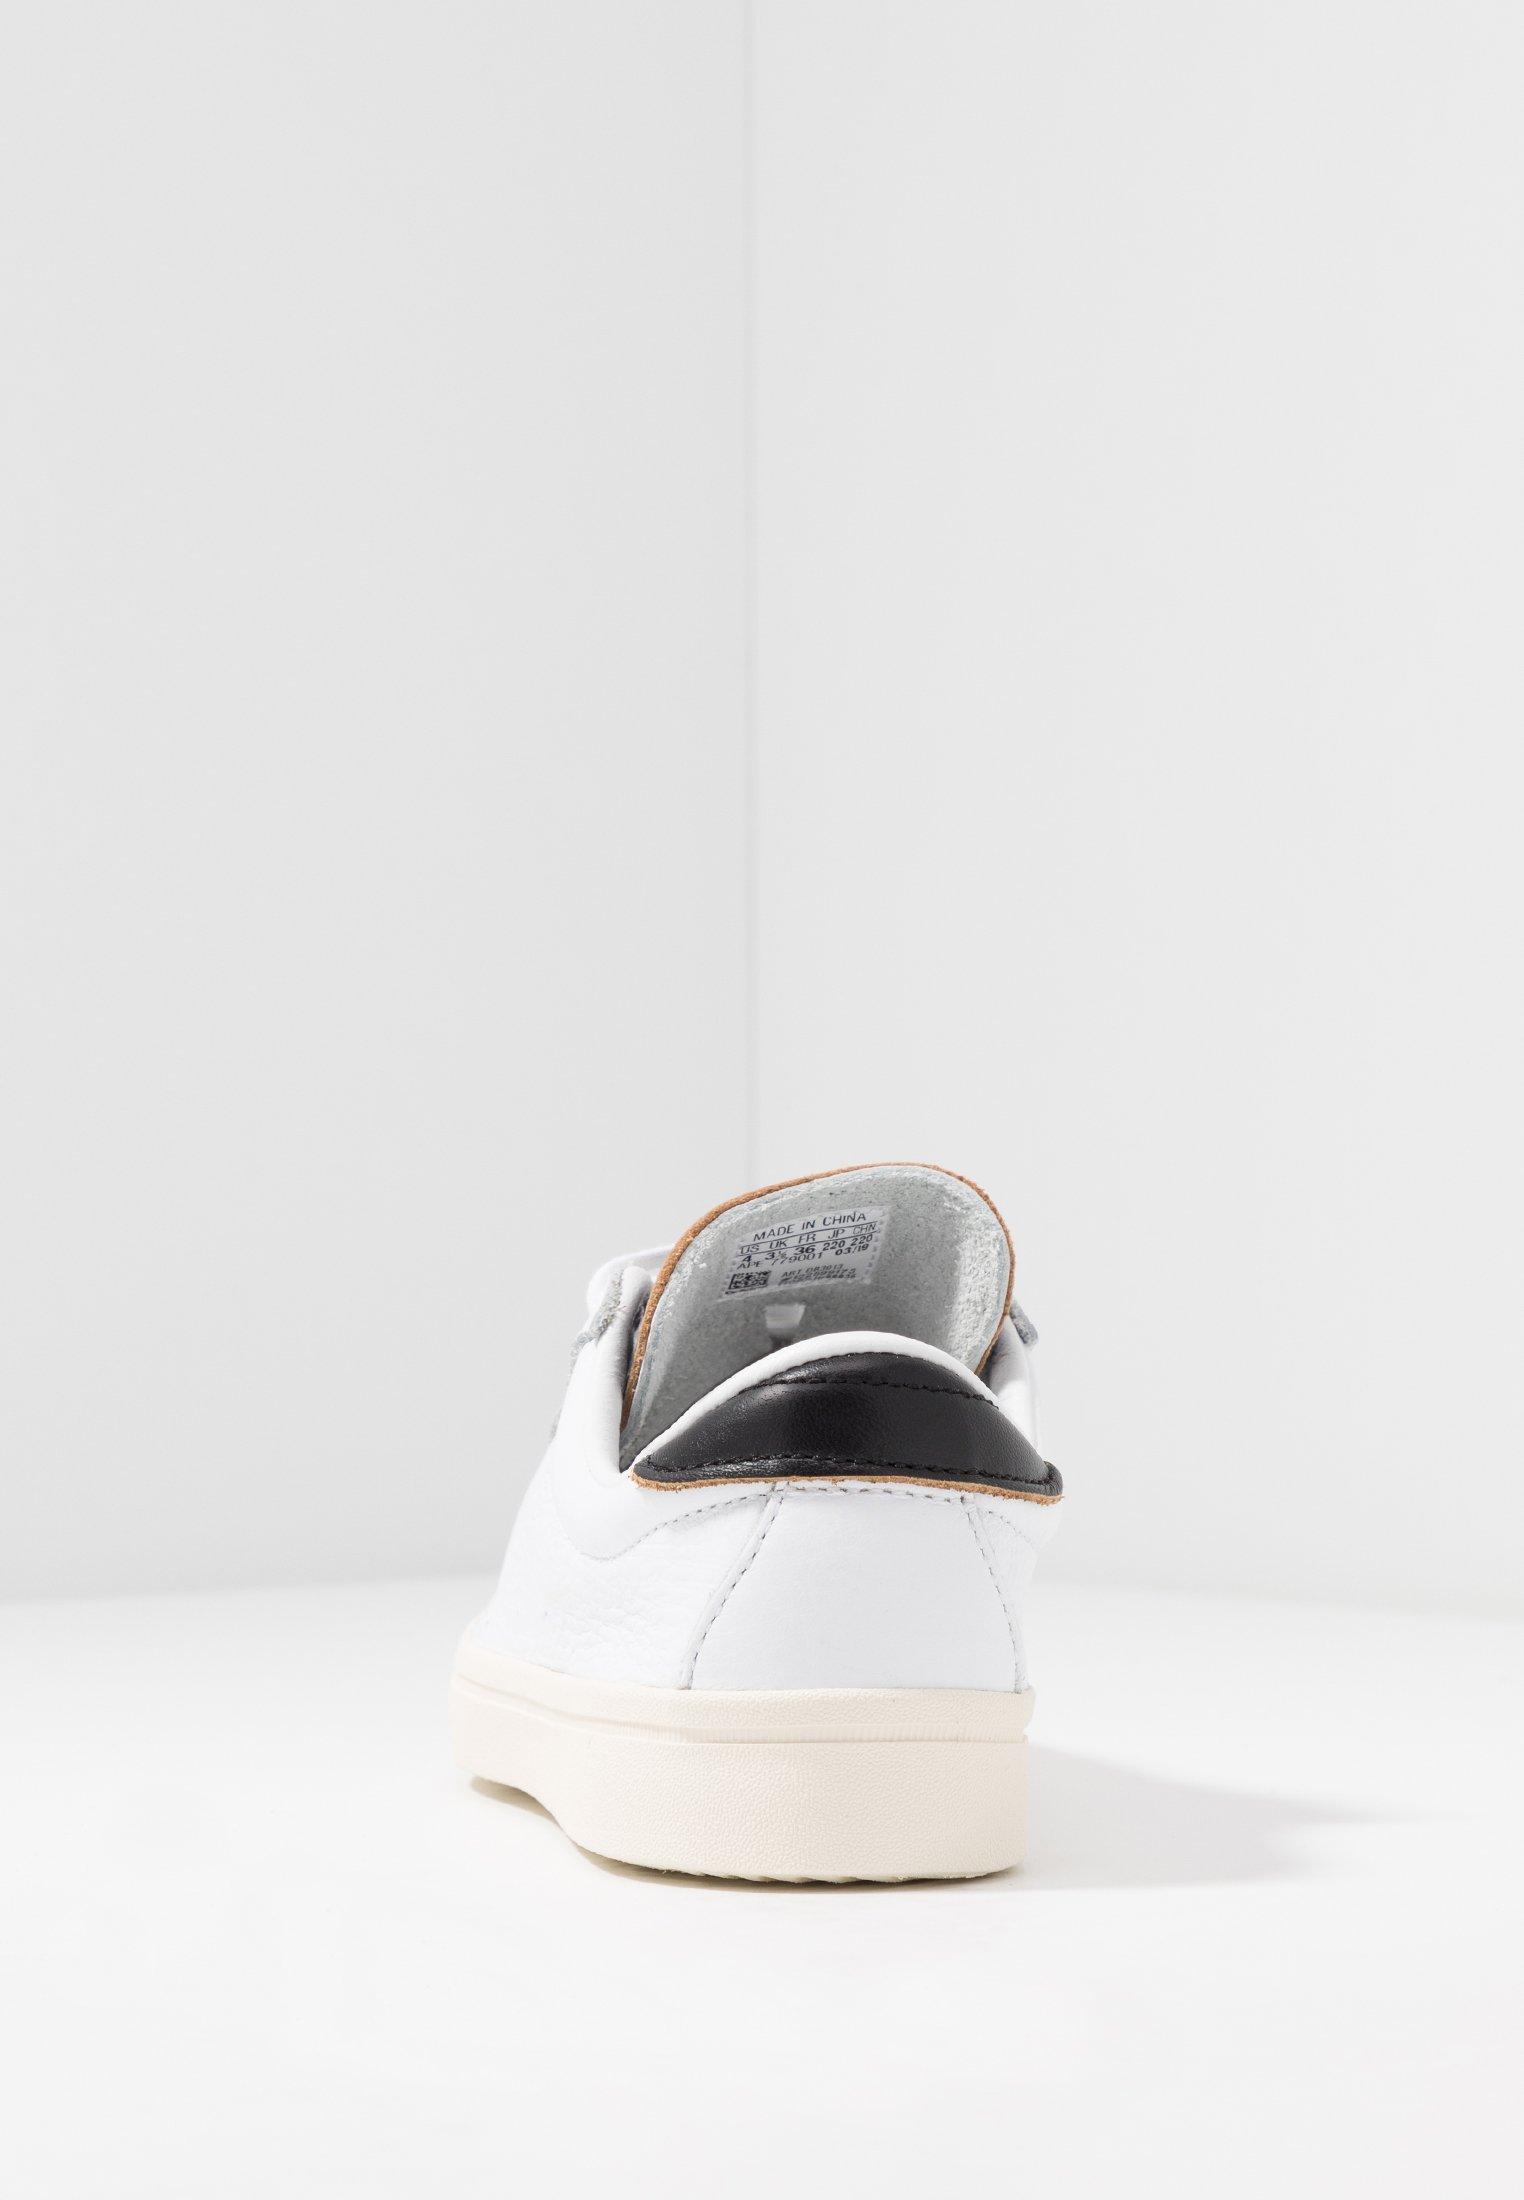 Originals core core White Basses LacombeBaskets Footwear Adidas White Black I6g7yYbfv